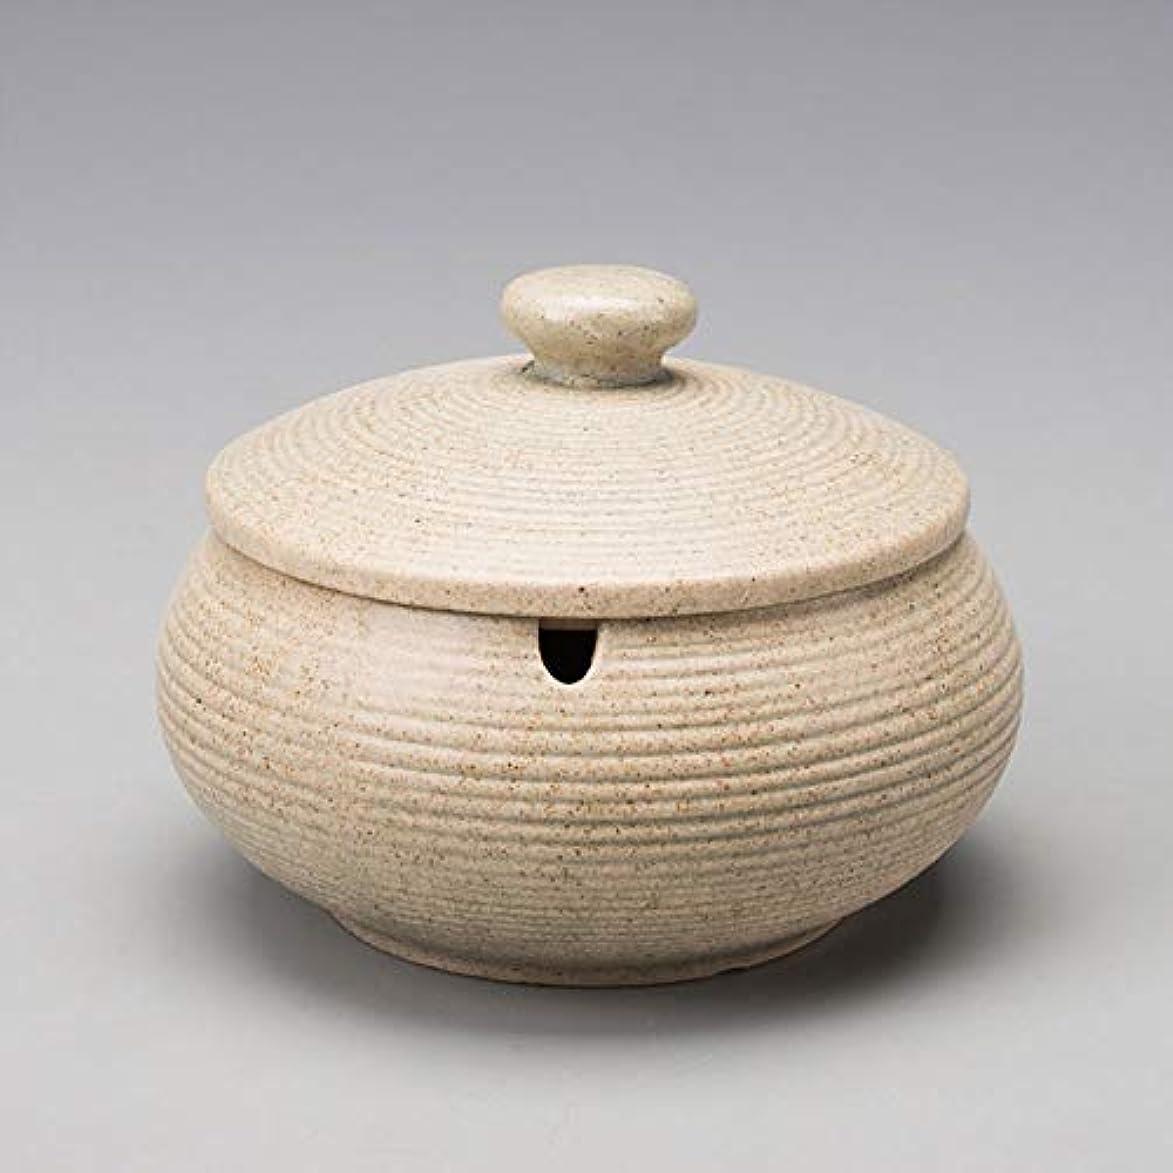 投資文言調査ふたの家の装飾とタバコの創造的な灰皿のための灰皿